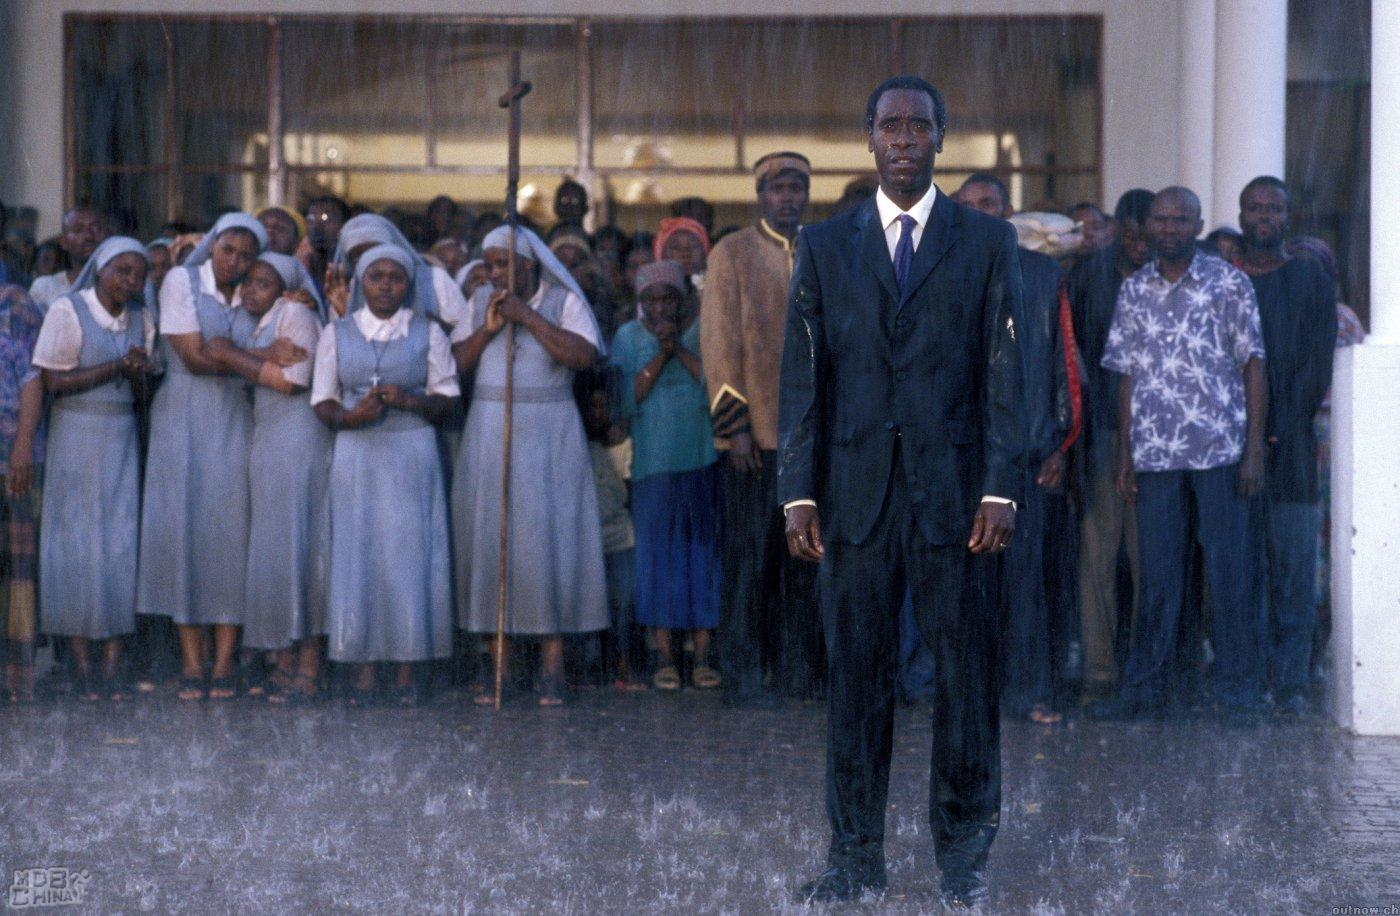 卢旺达大饭店_卢旺达饭店(2004)的海报和剧照 第26张/共51张【图片网】